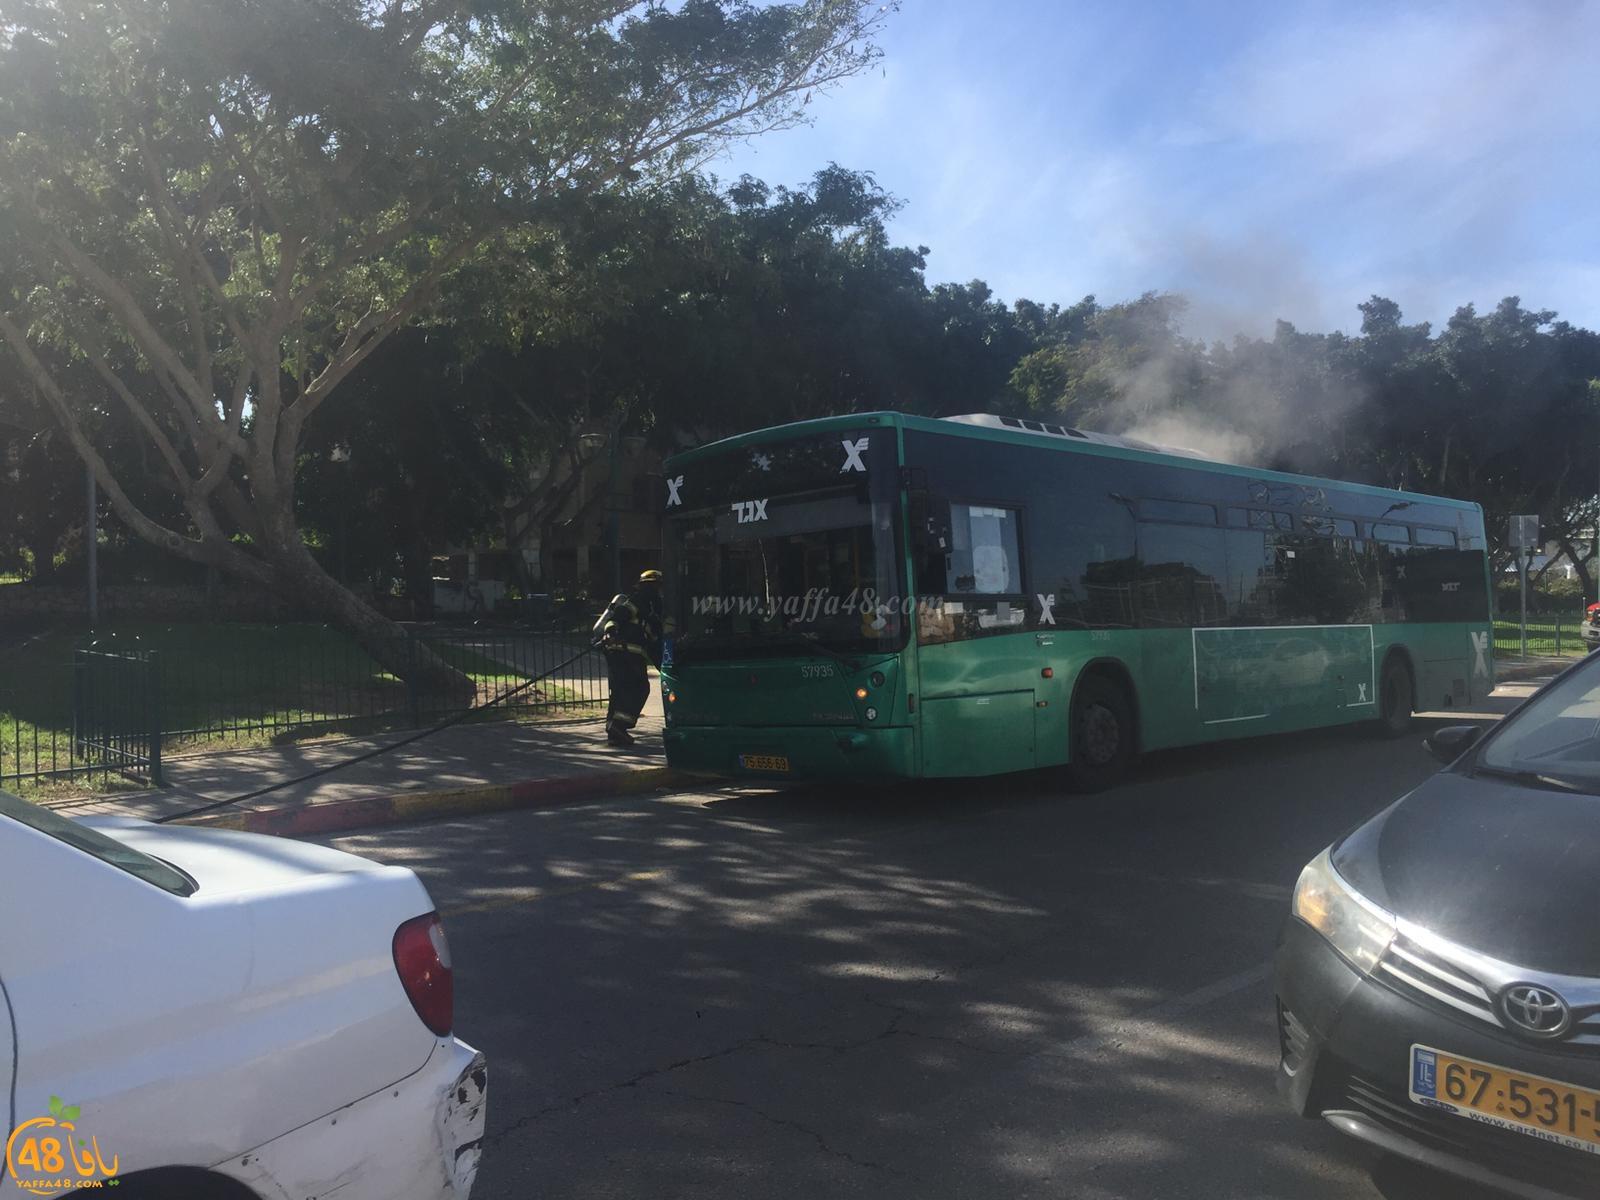 بالصور: إندلاع حريق بحافلة قرب دوار فولفسون بمدينة يافا واخلاء الركاب